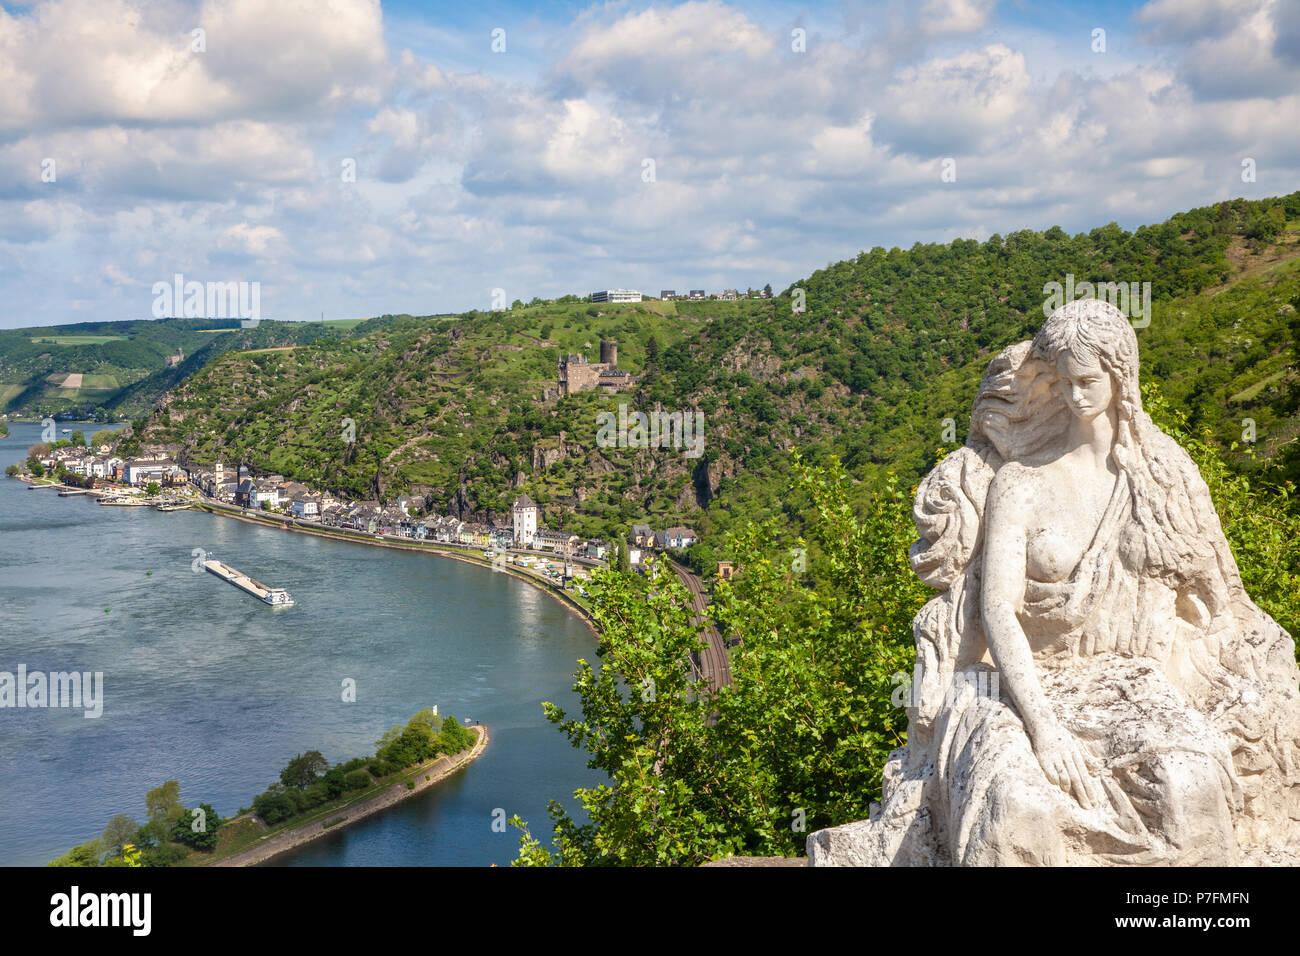 Loreley Figur und Rheintal Landschaft und Sankt Goarshausen Blick von der Lore Ley rock Deutschland Interessante Orte Stockbild